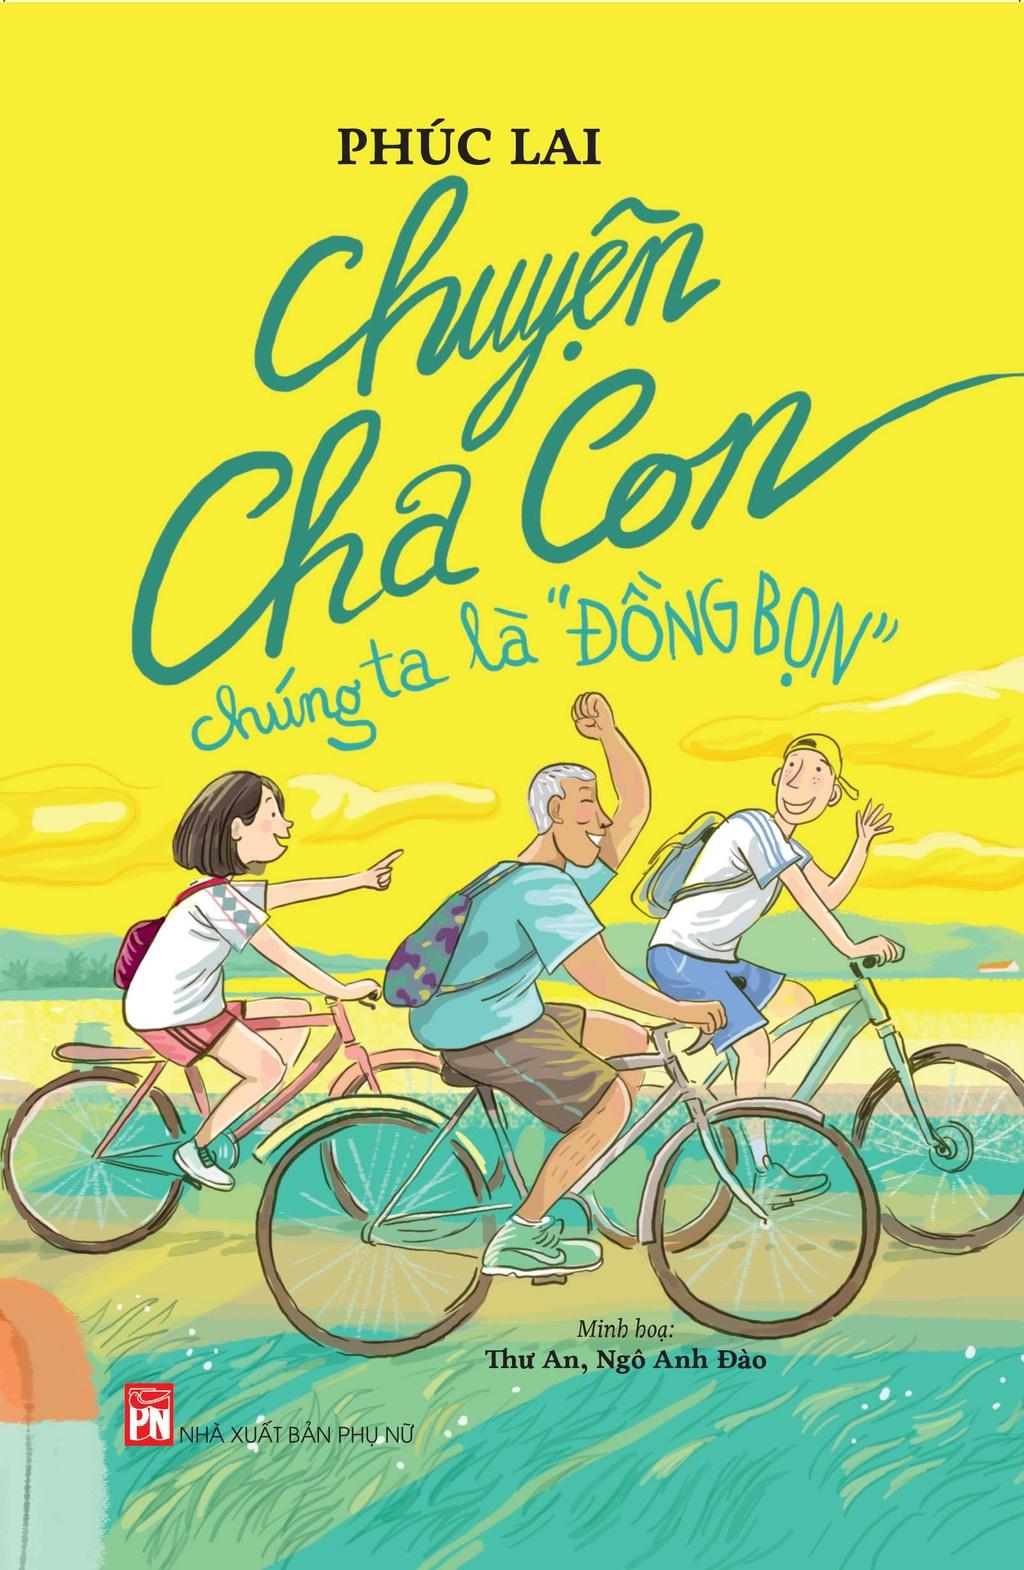 Lam the nao de tro thanh 'dong bon' cua con? hinh anh 2 chuyen_cha_con_chung_ta_la_dong_bon_1576831036967543273382.jpg